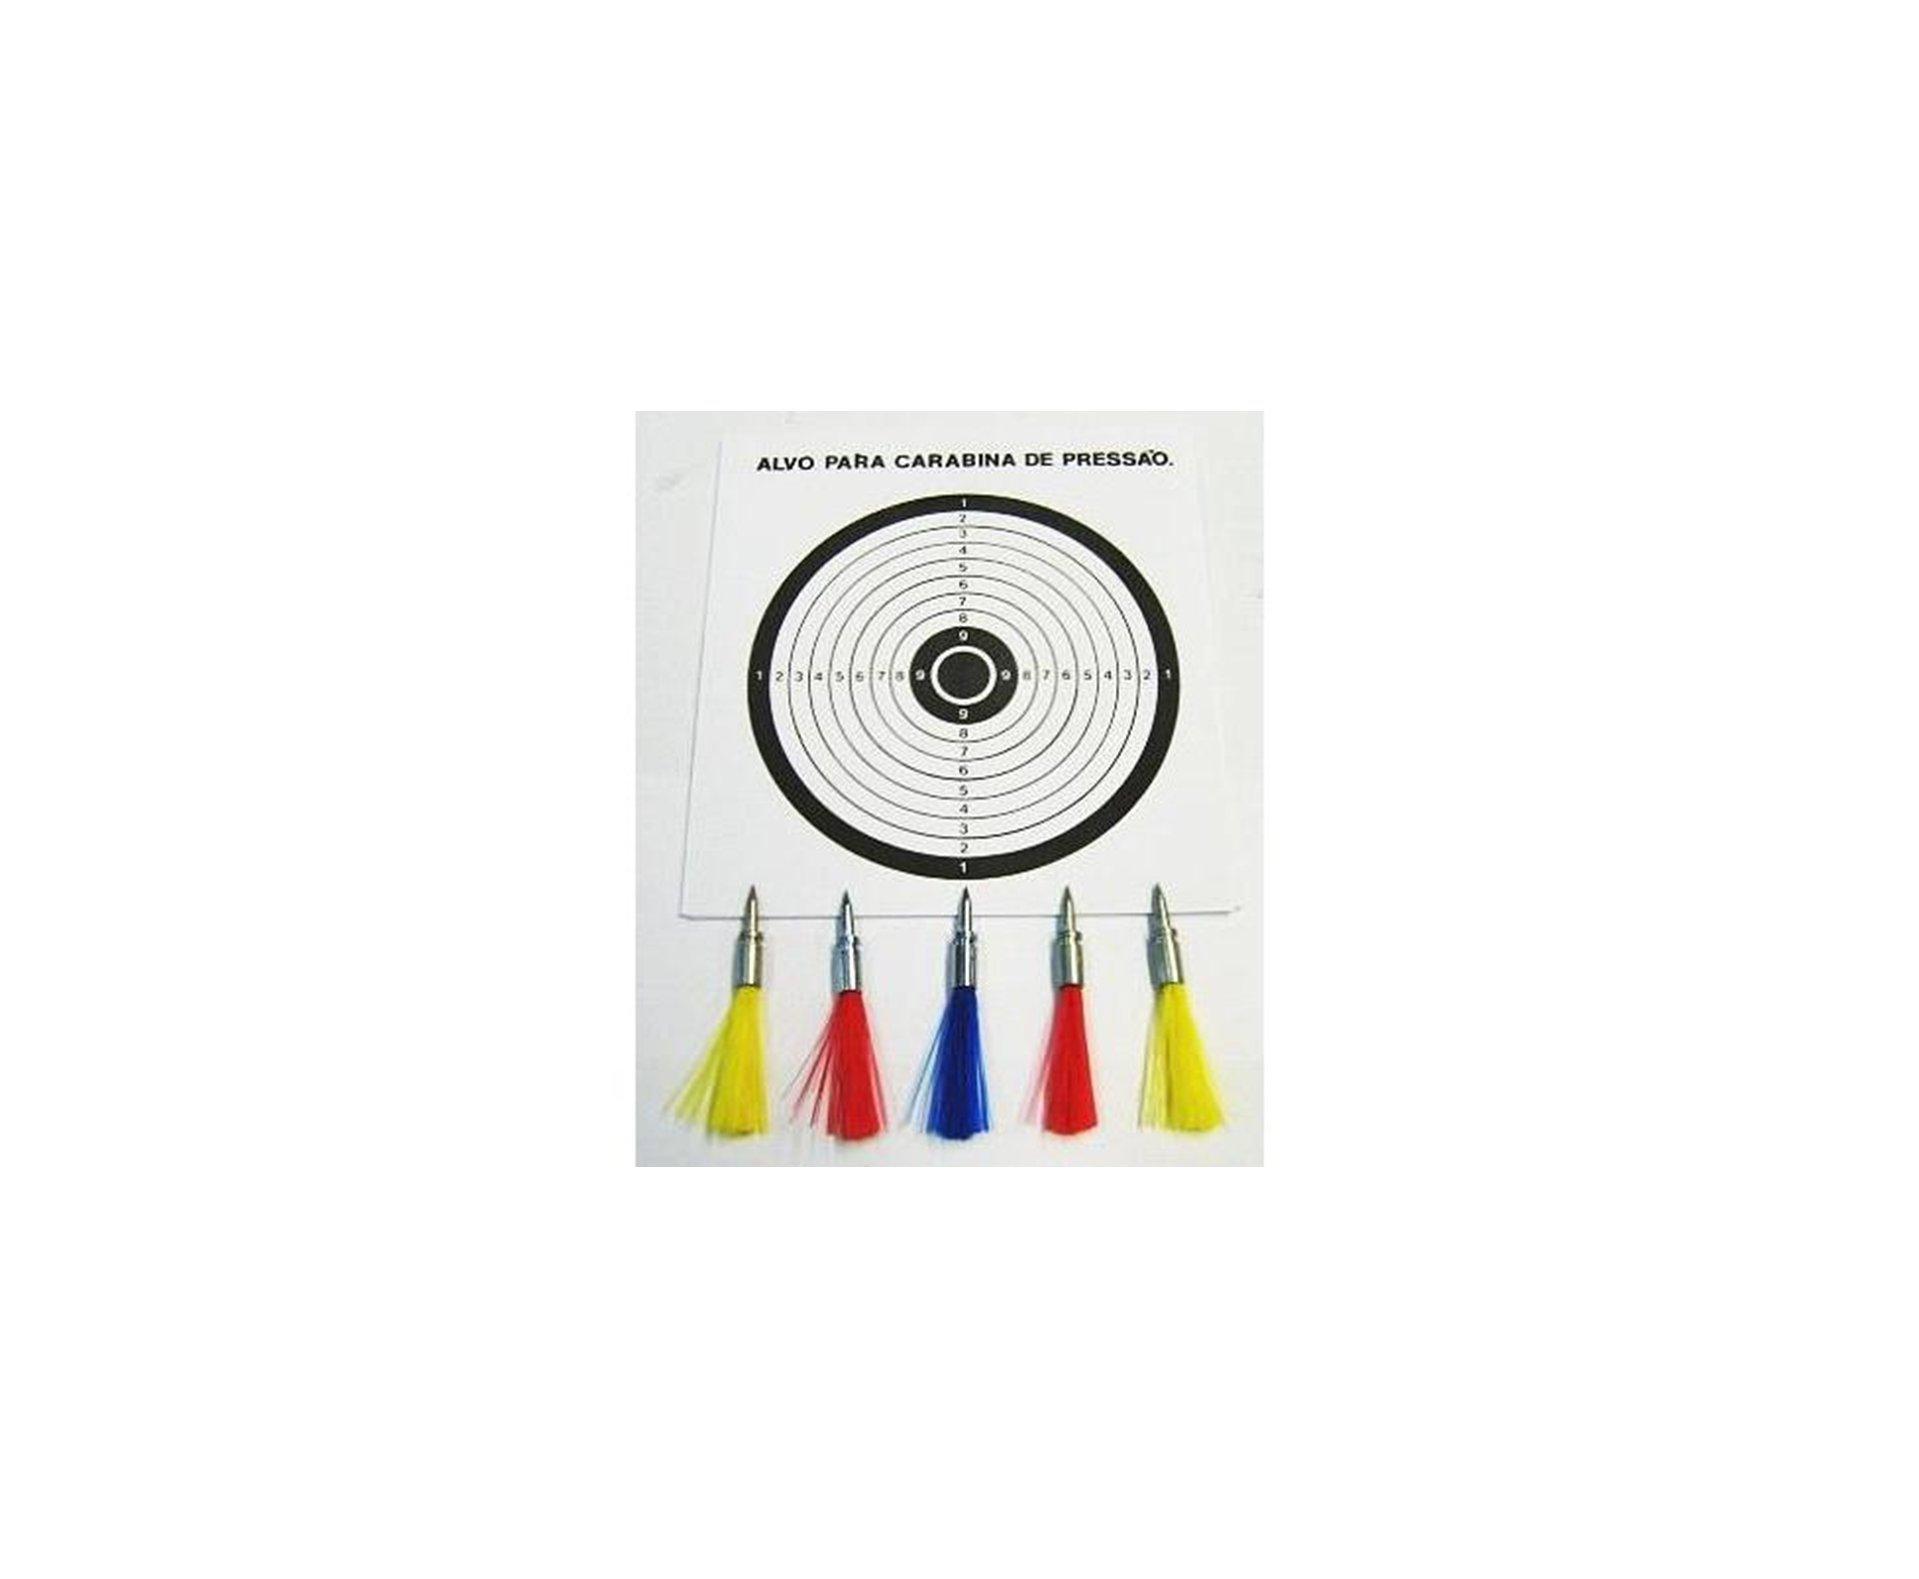 Setas Coloridas Cal 4,5mm (com 5 Dardos E 3 Alvos)